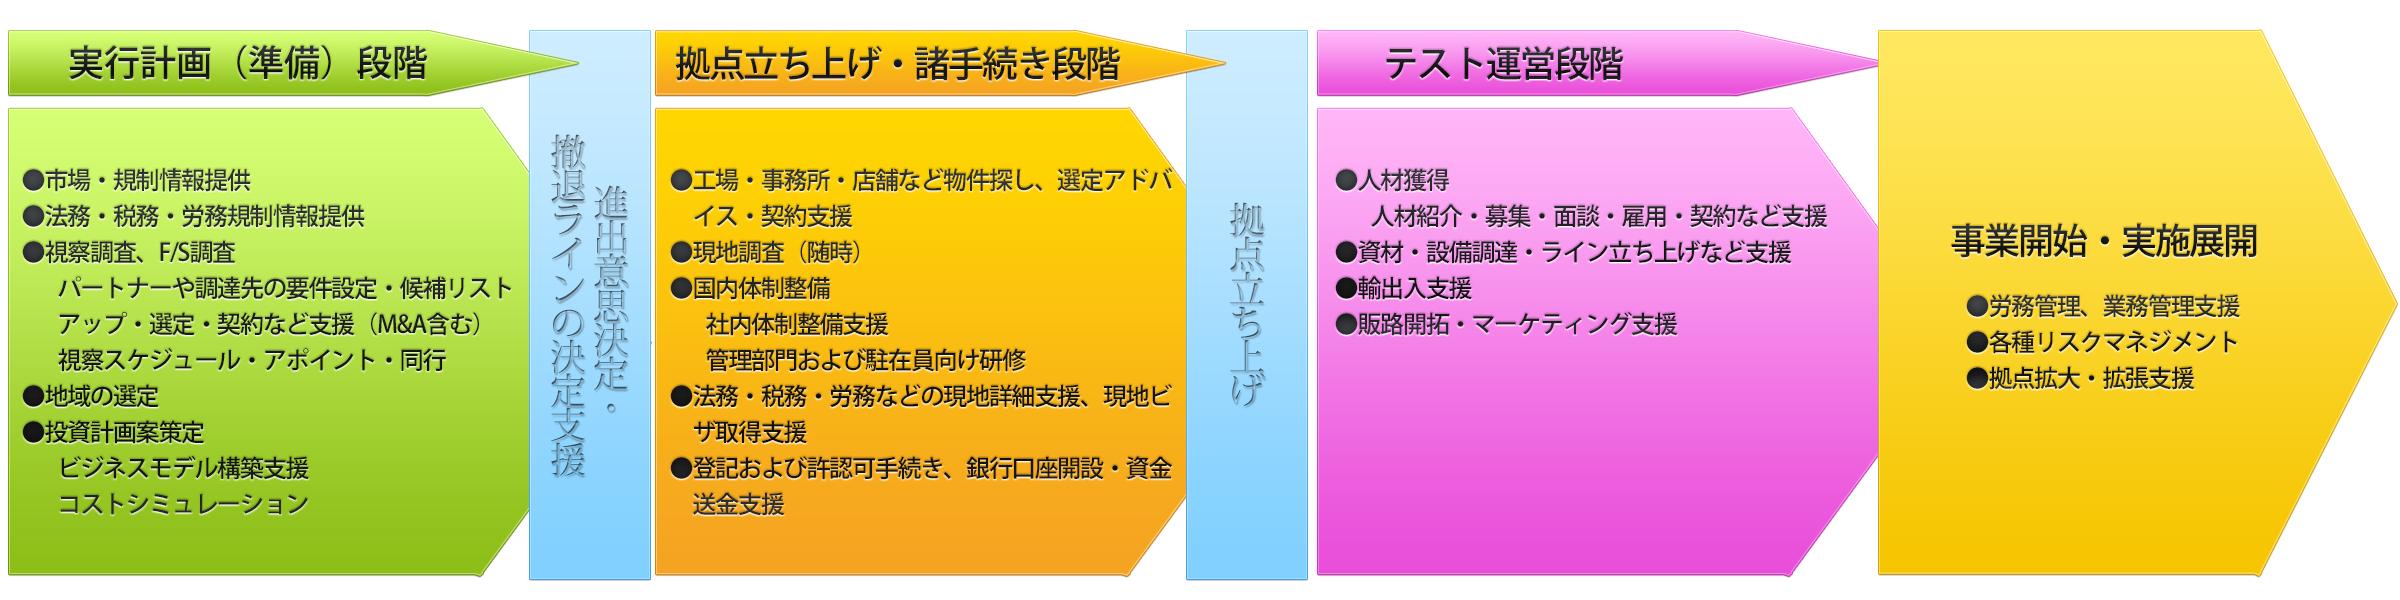 flowchart-shinsyutsu2